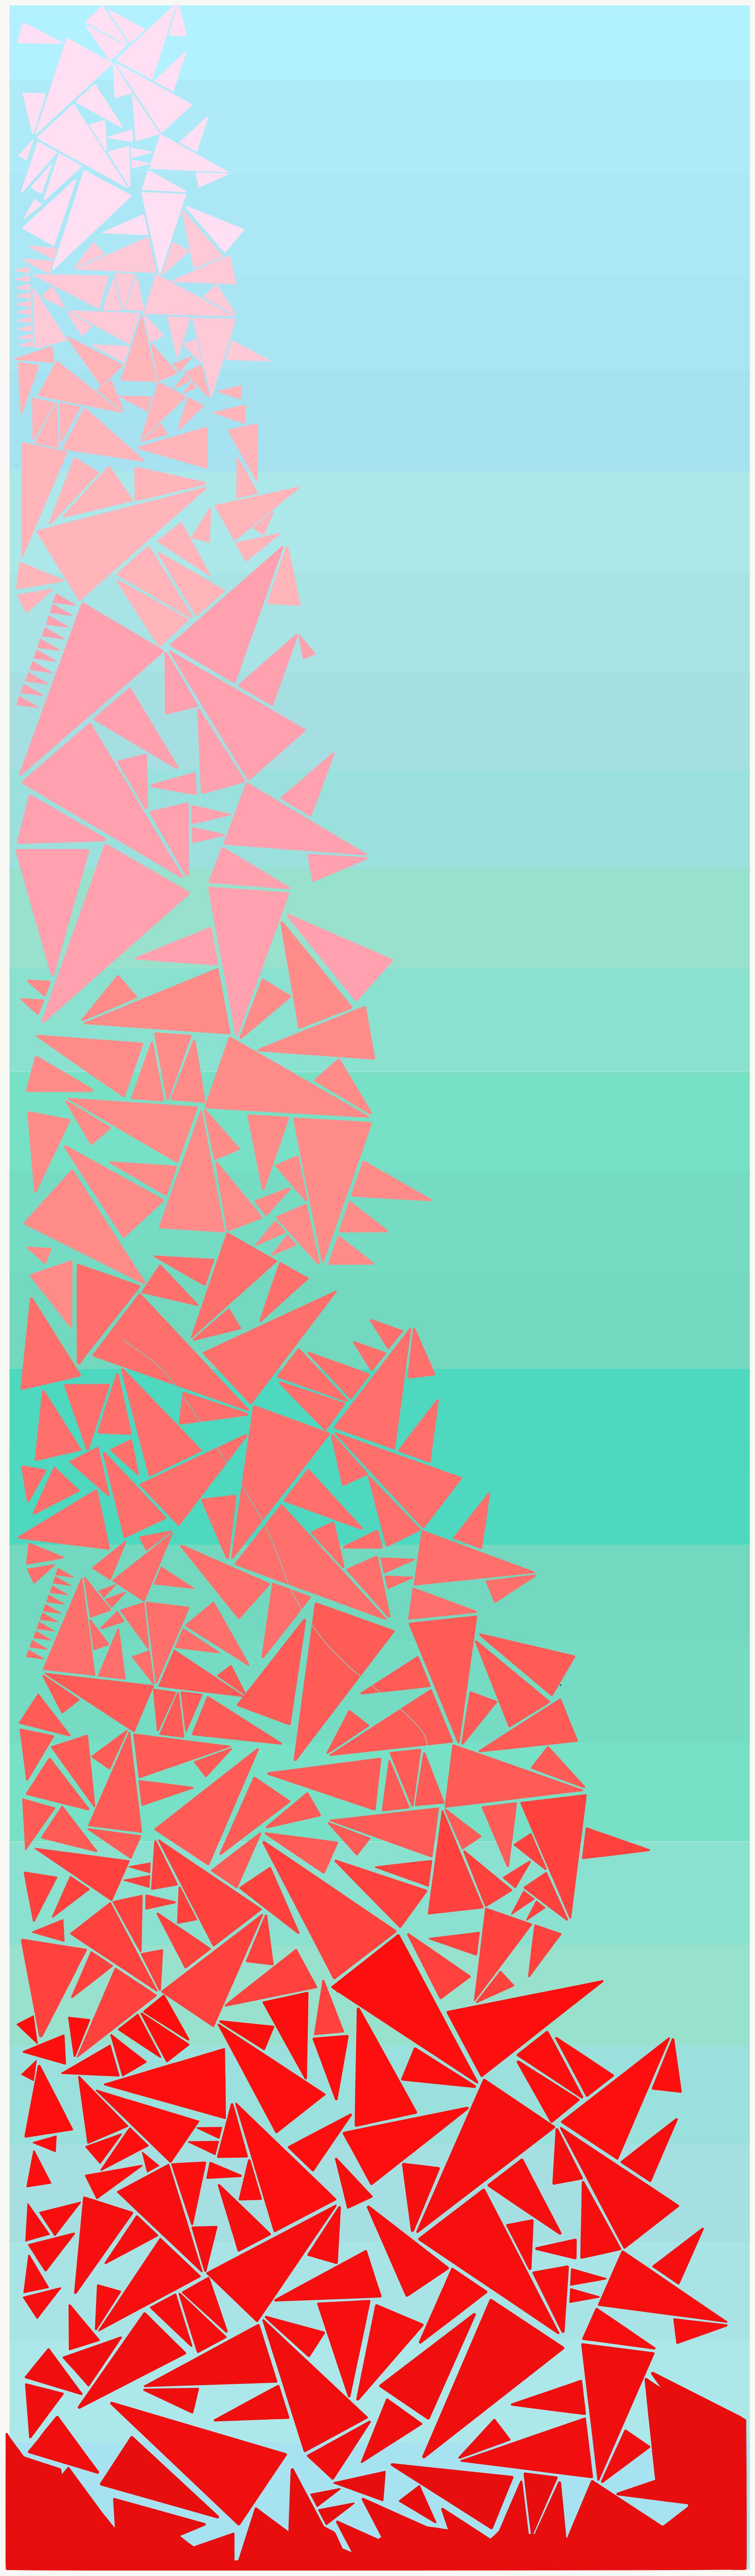 Triangle Love Wallpaper